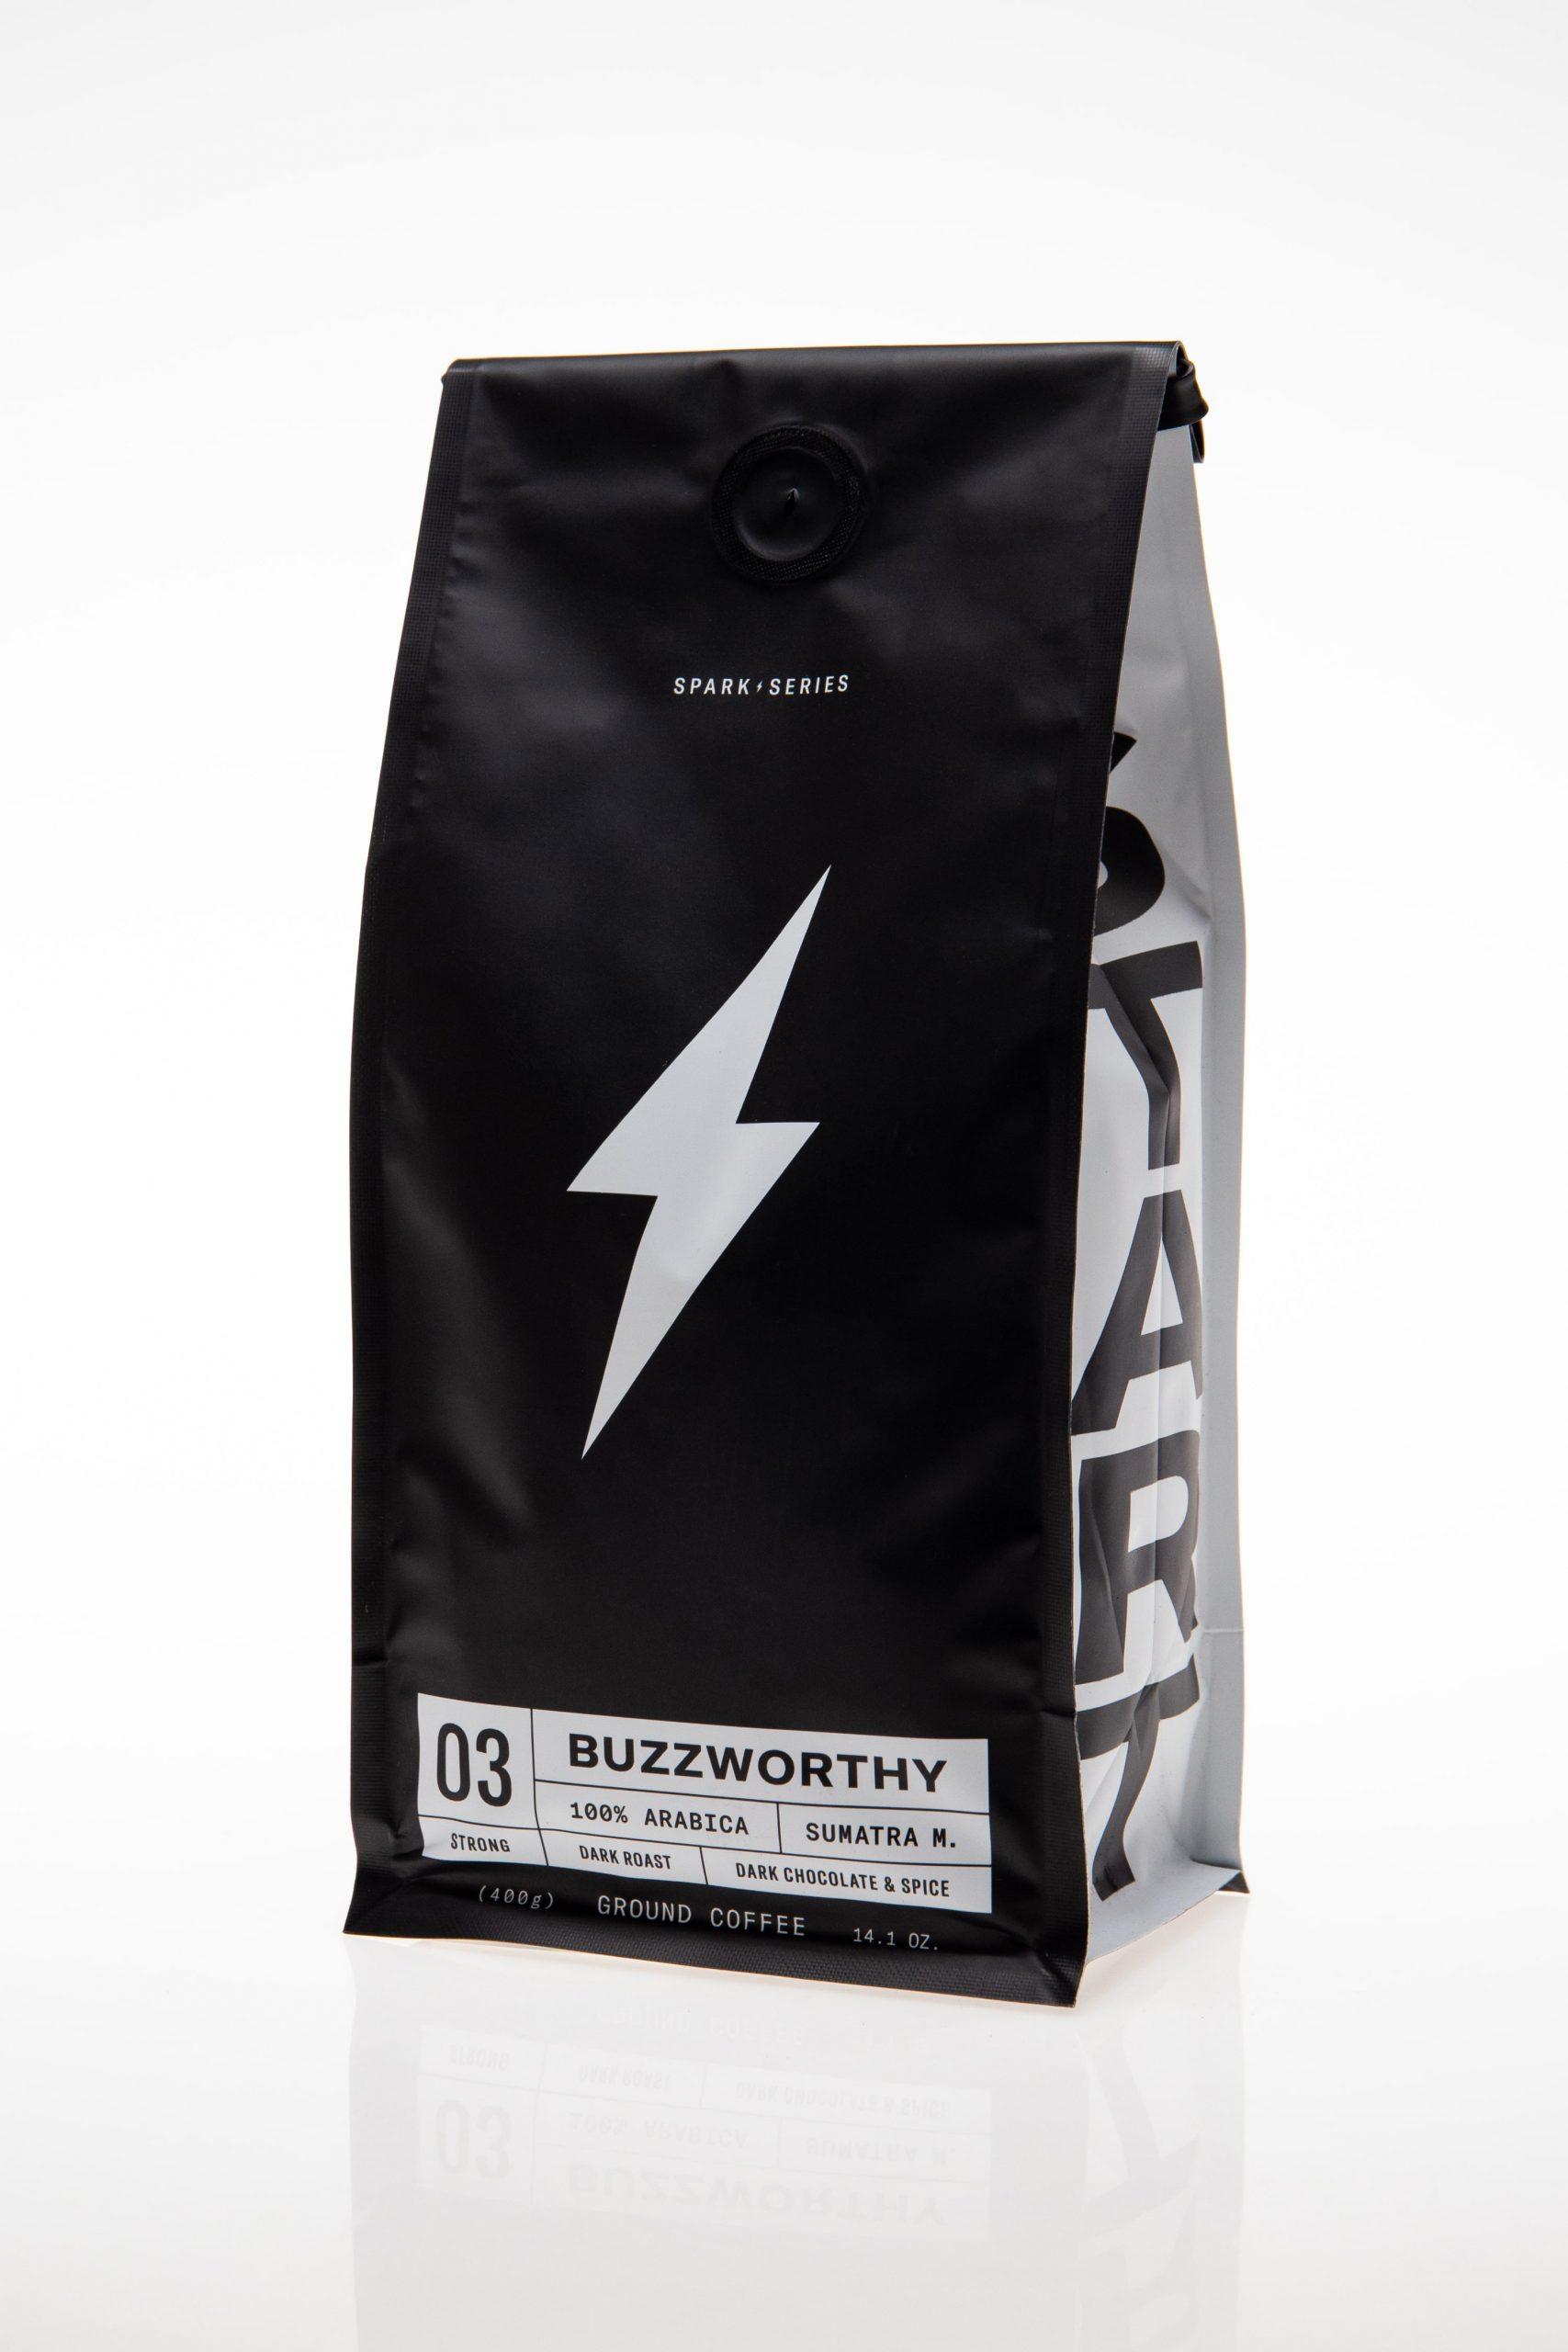 KickStart Spark - Buzzworthy